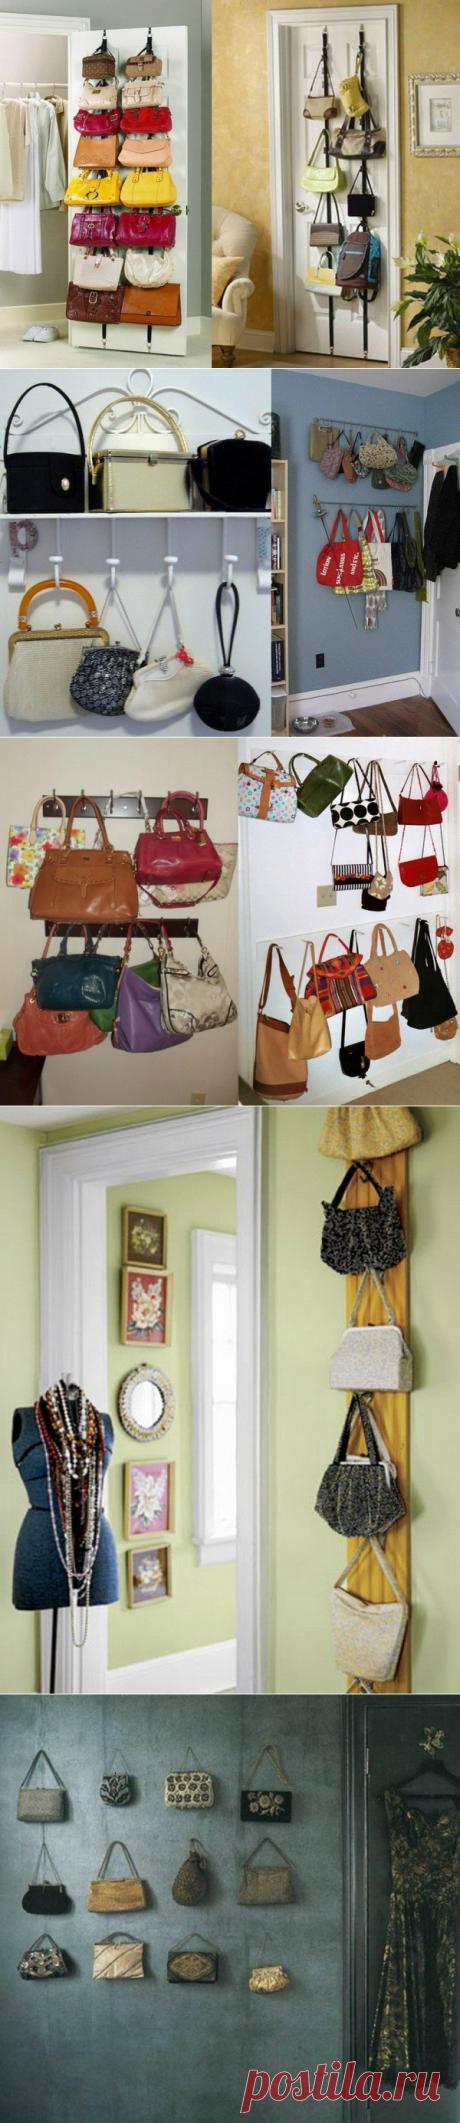 Где и как хранить сумки дома.Идеи.